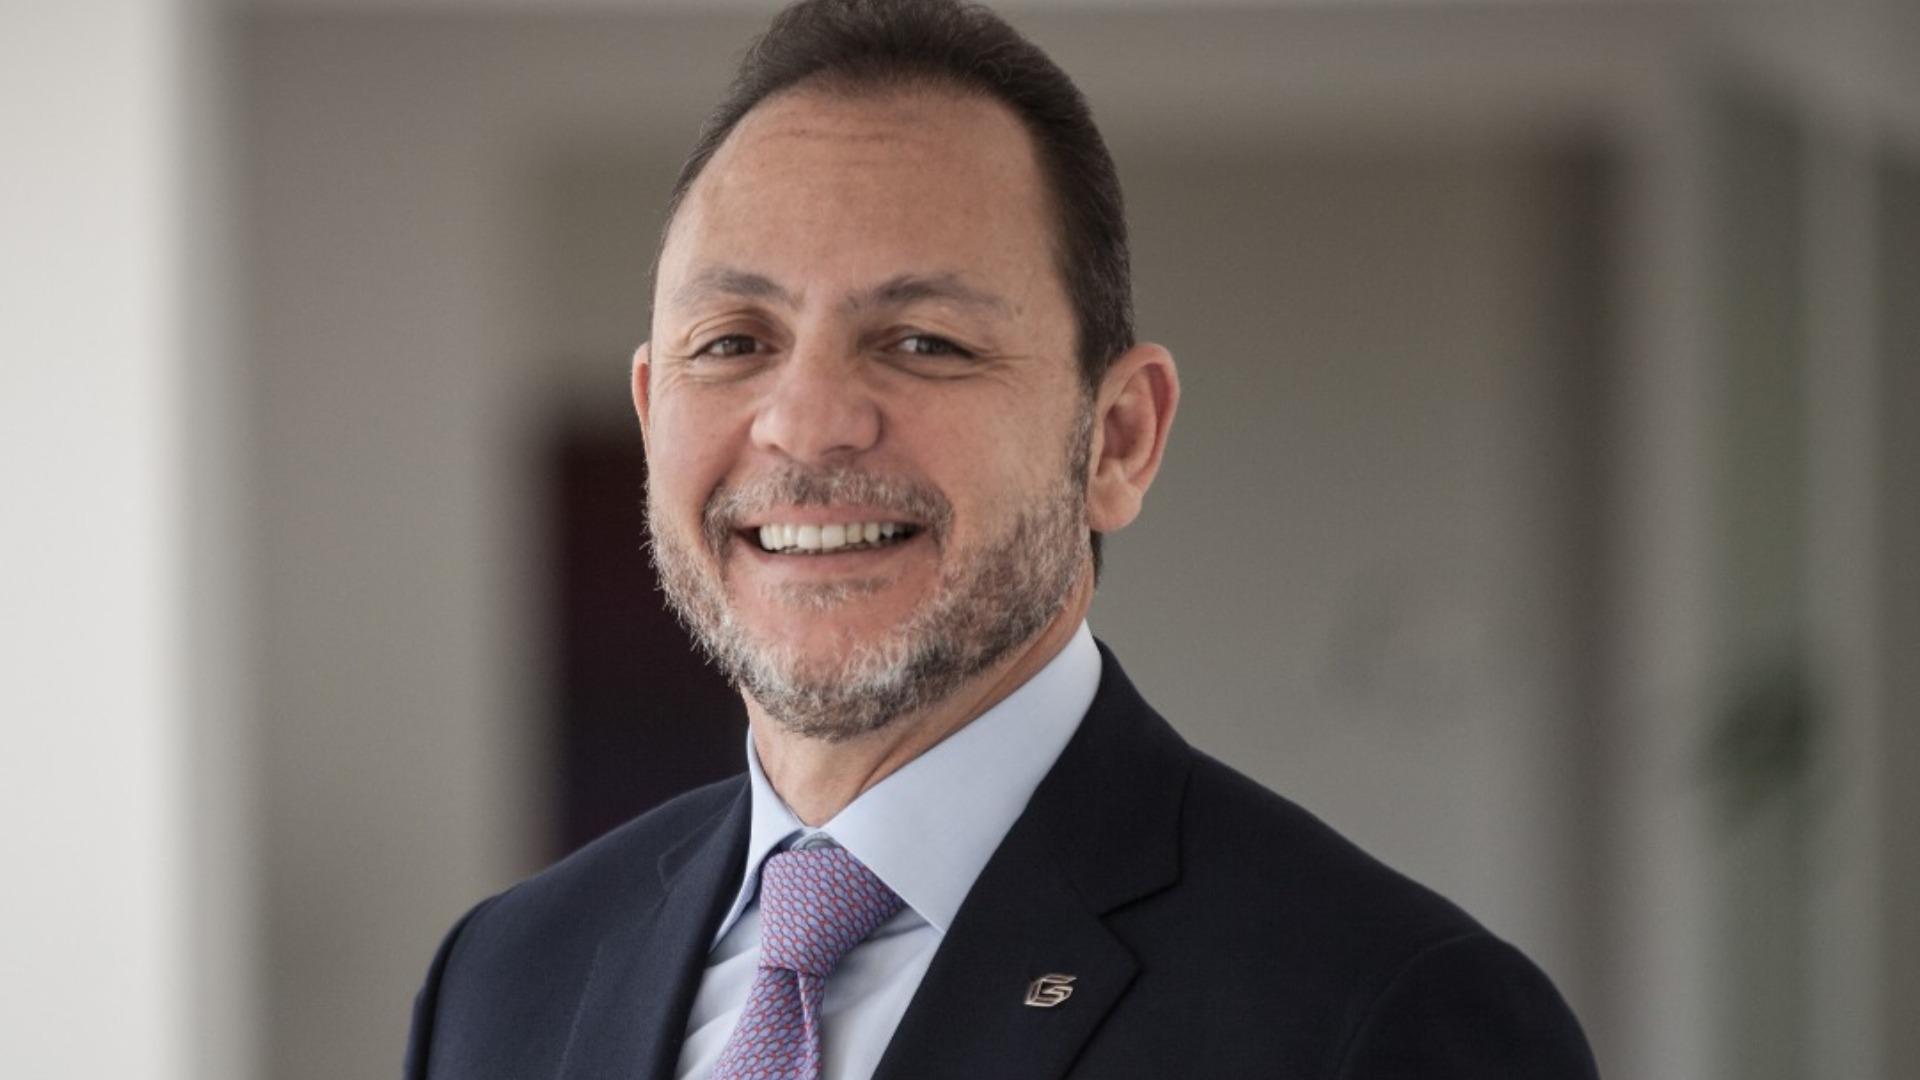 Gorrín anuncia que no comparecerá ante la Audiencia Nacional Española